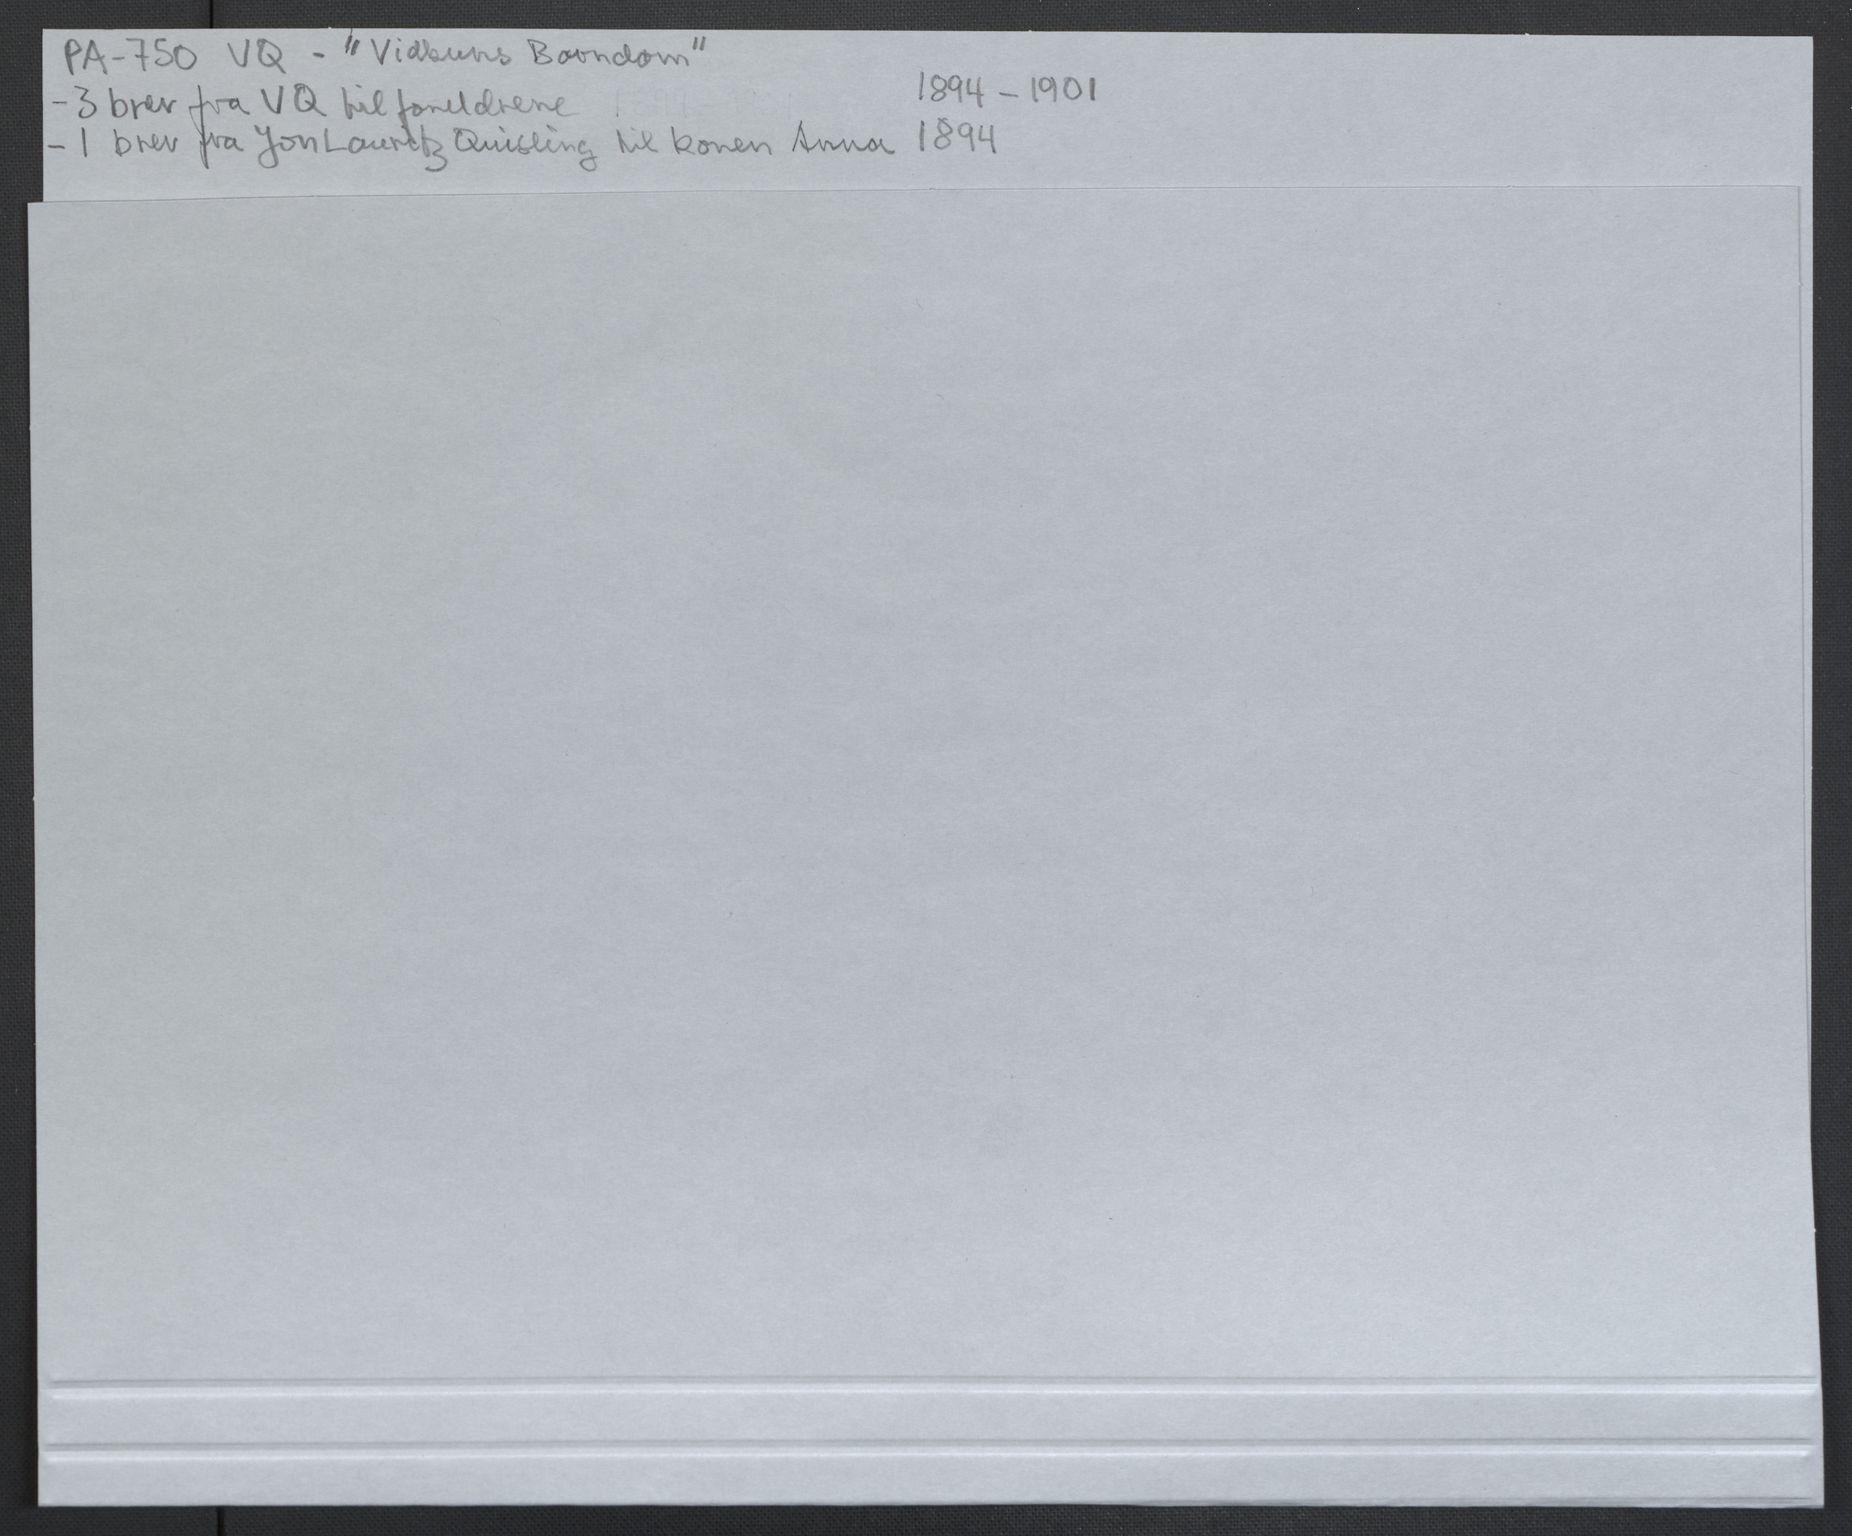 RA, Quisling, Vidkun, K/L0001: Brev til og fra Vidkun Quisling samt til og fra andre medlemmer av familien Quisling + karakterbøker, 1894-1929, s. 2